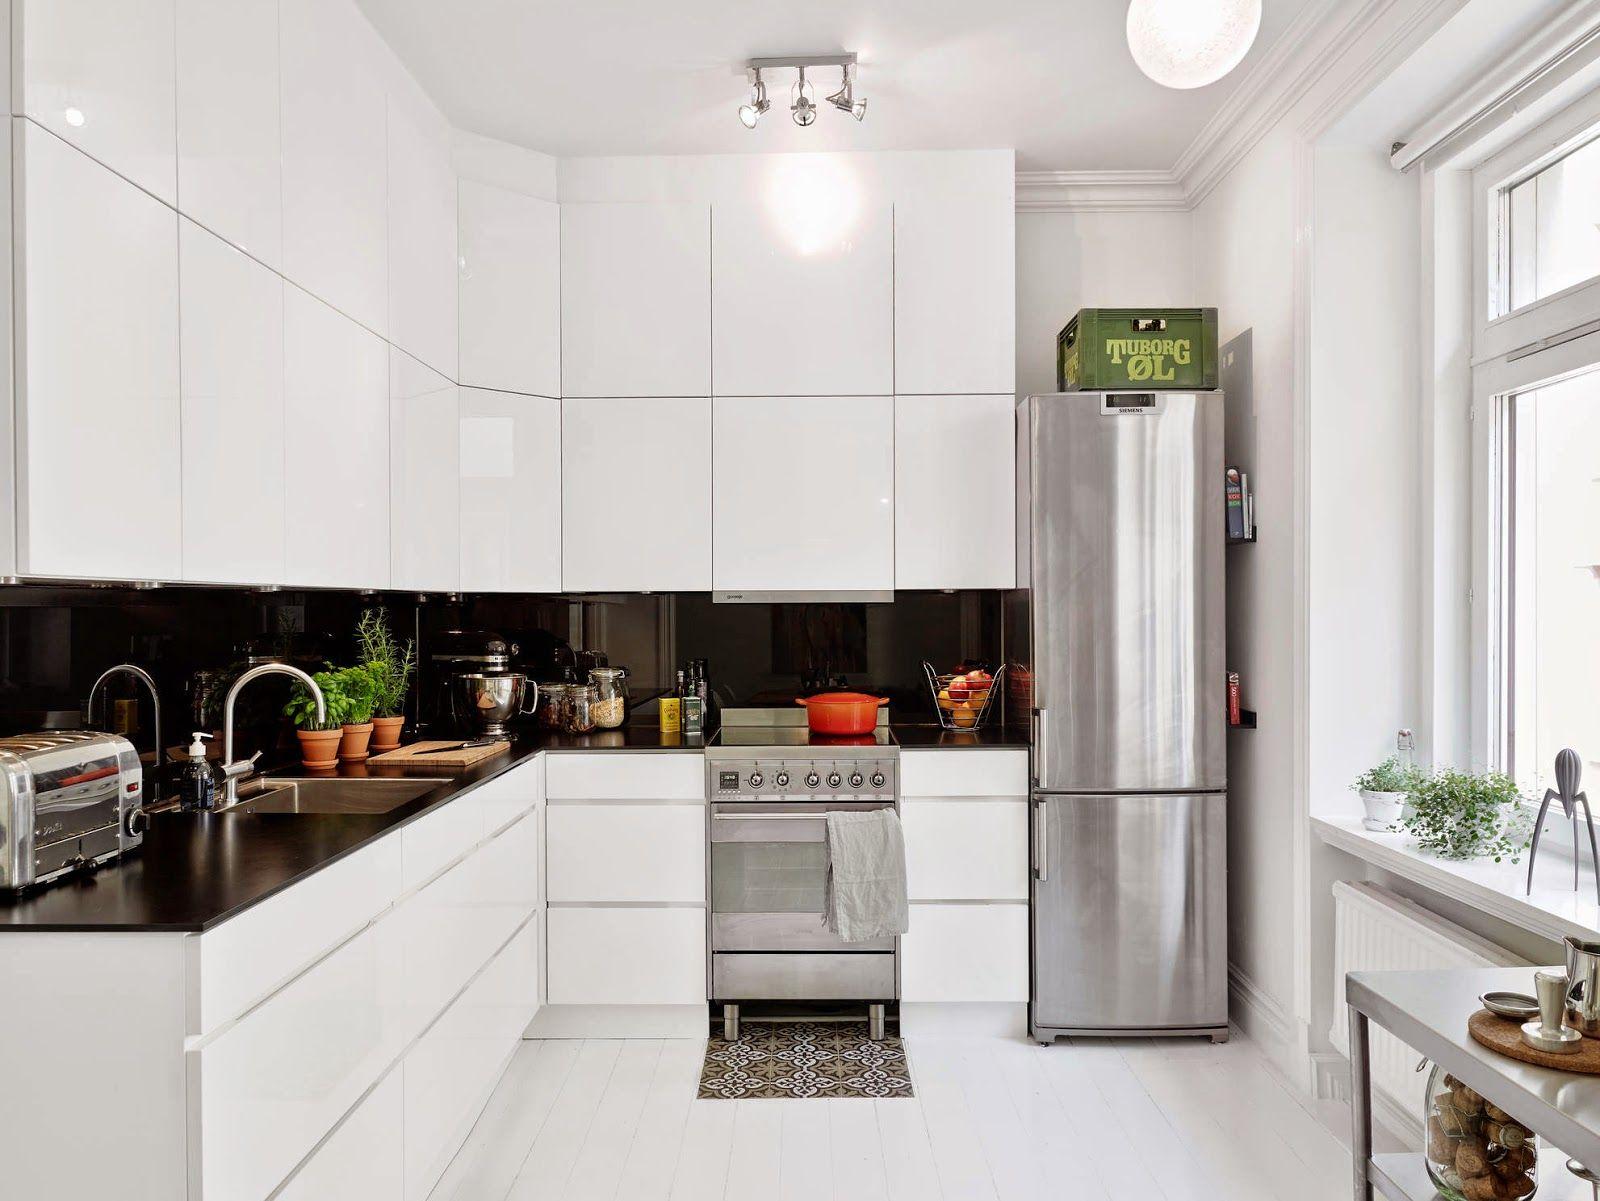 Atemberaubend Fliesenboden Design Ideen Küche Ideen - Küchen Design ...